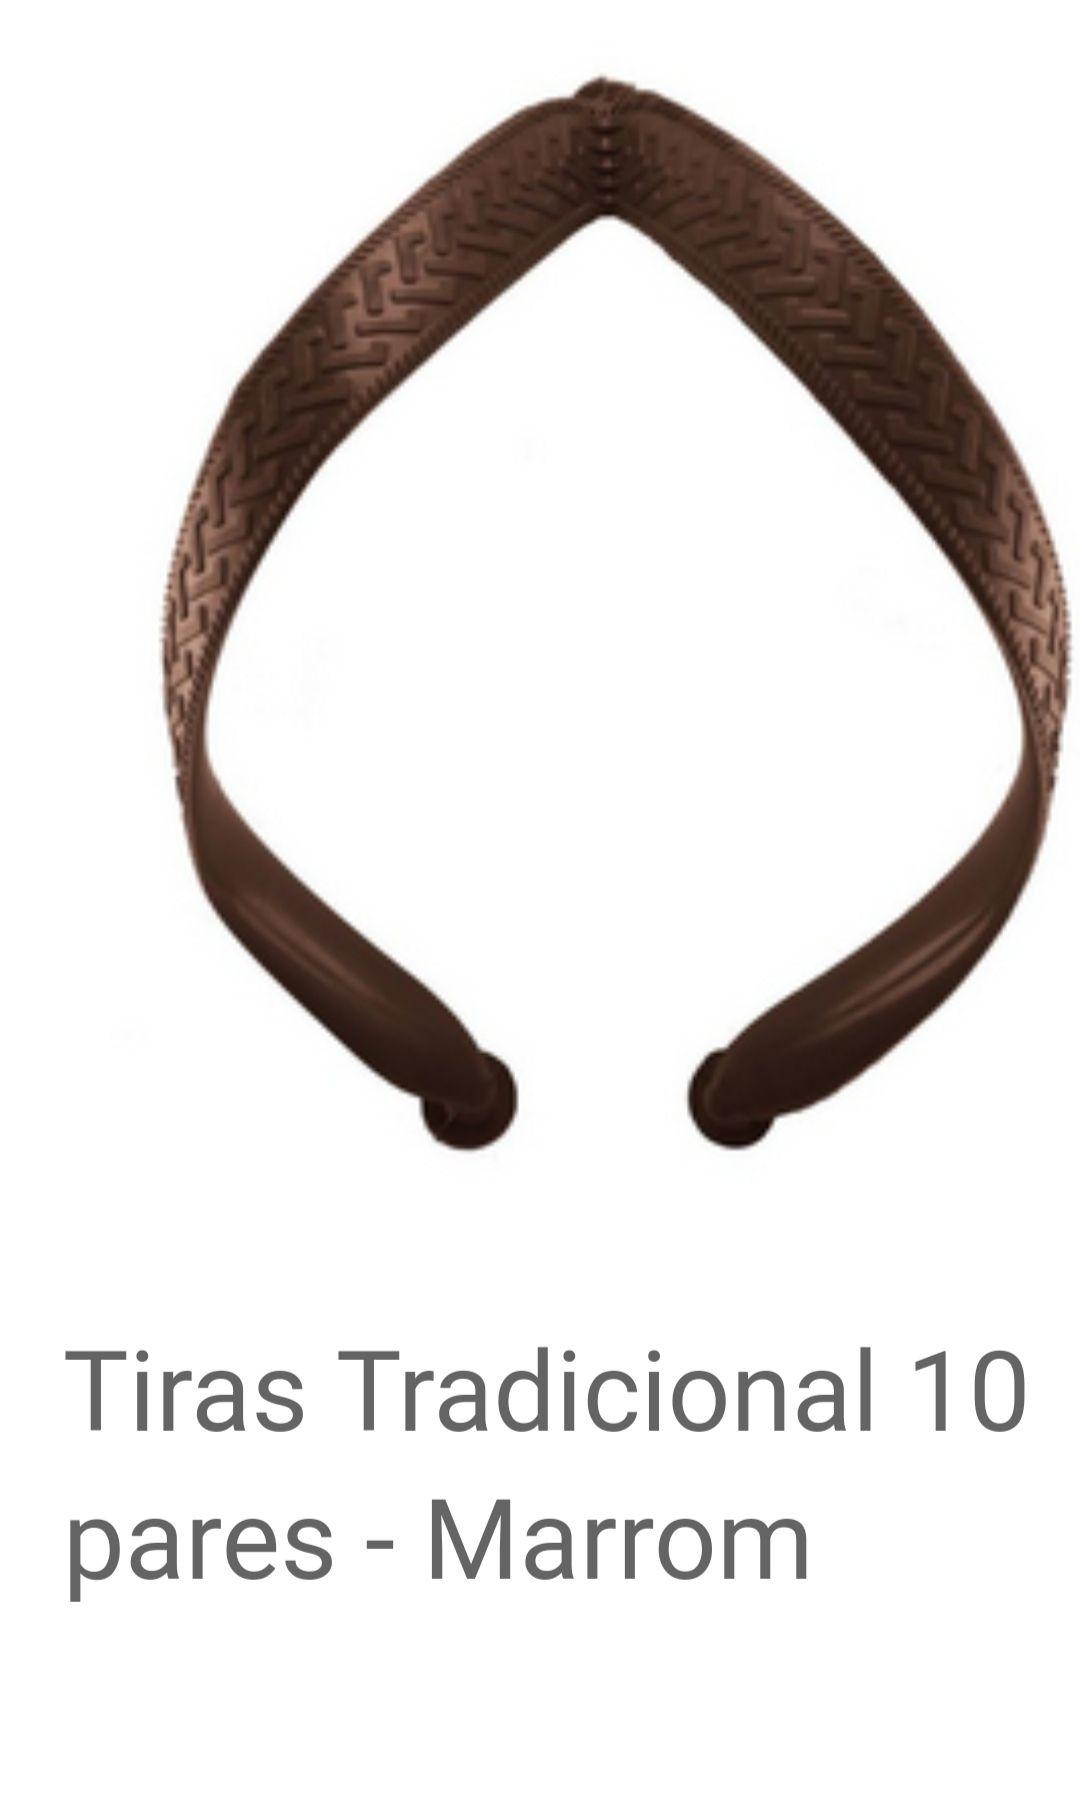 Tiras Tradicional MARROM com 10 pares